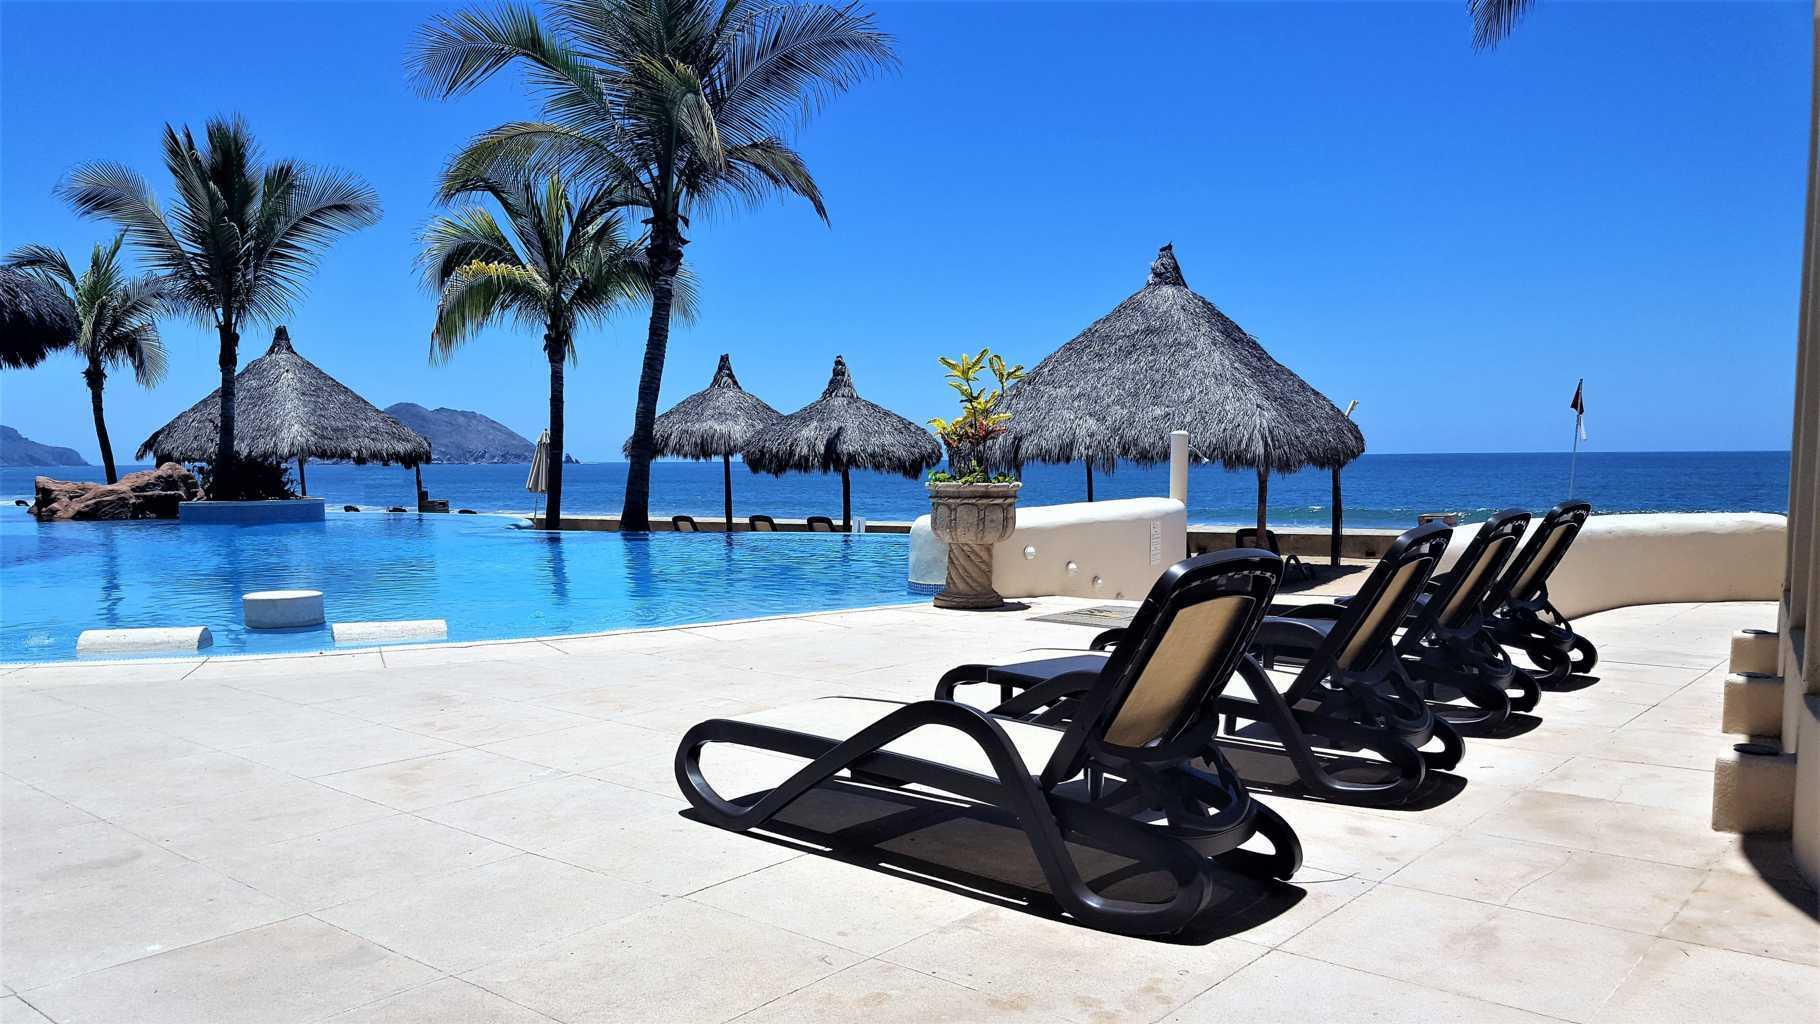 Exclusivo condominio de lujo con impresionantes vistas al mar